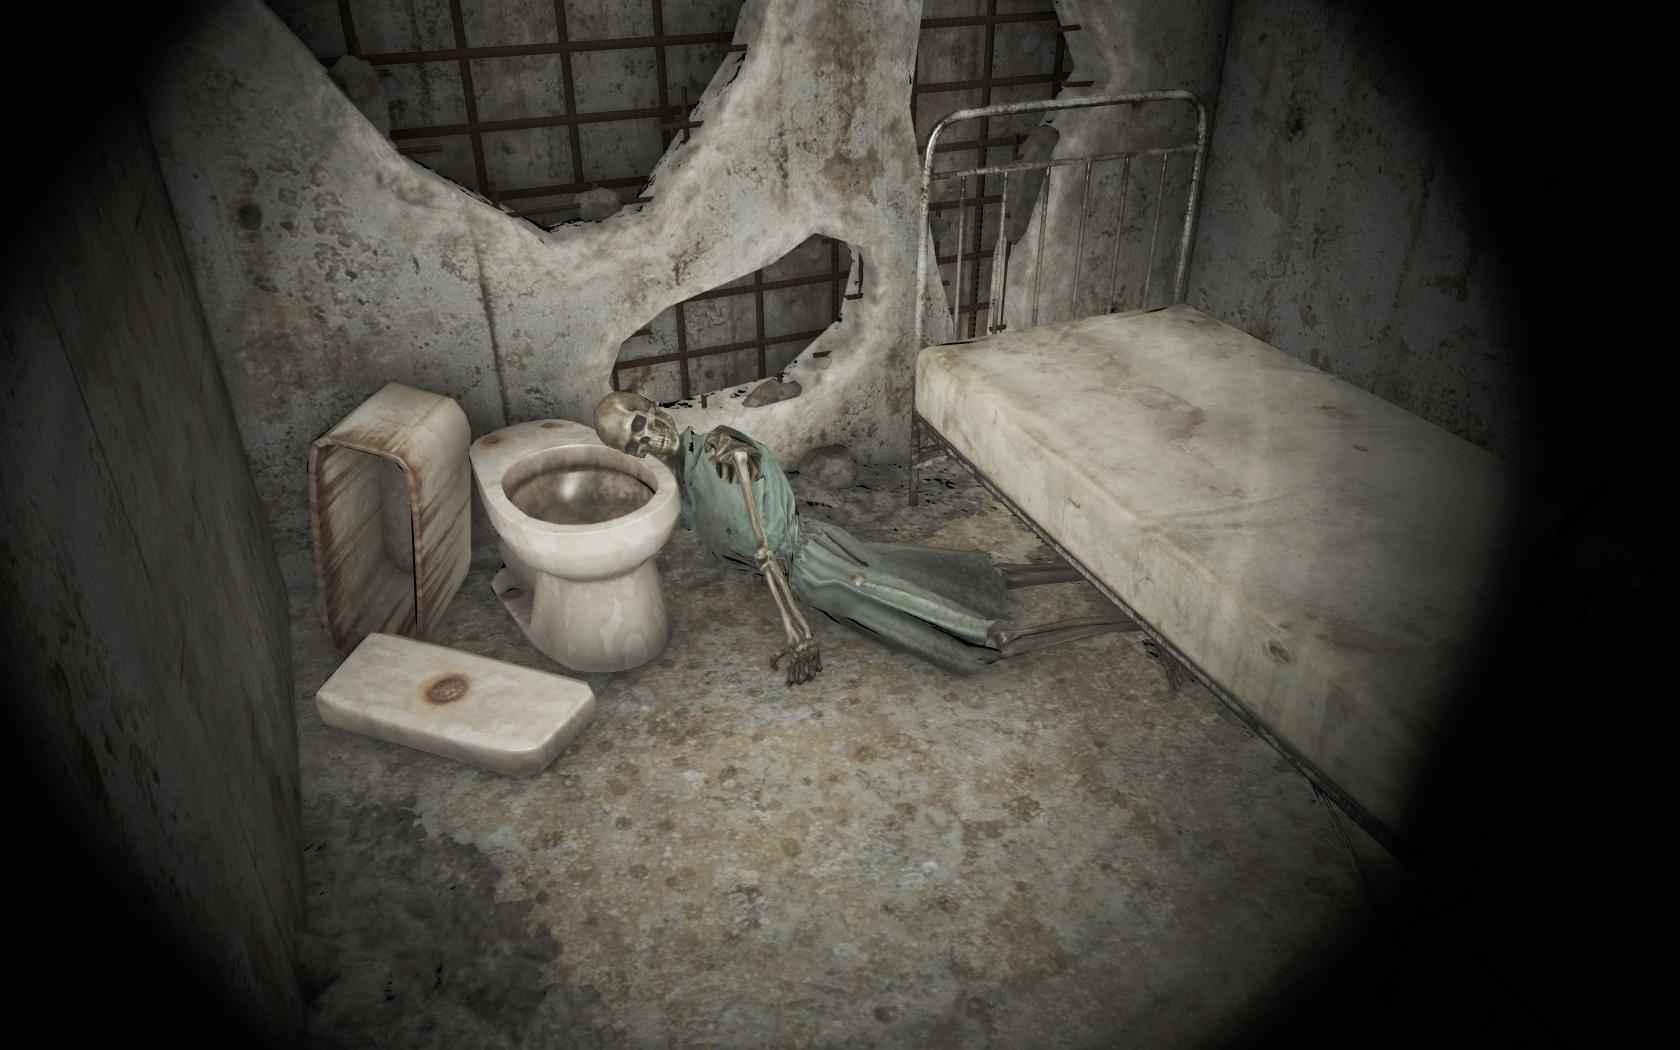 Так и умерла (Психиатрическая больница Парсонс) - Fallout 4 больница, Парсонс, Психиатрическая больница Парсонс, скелет